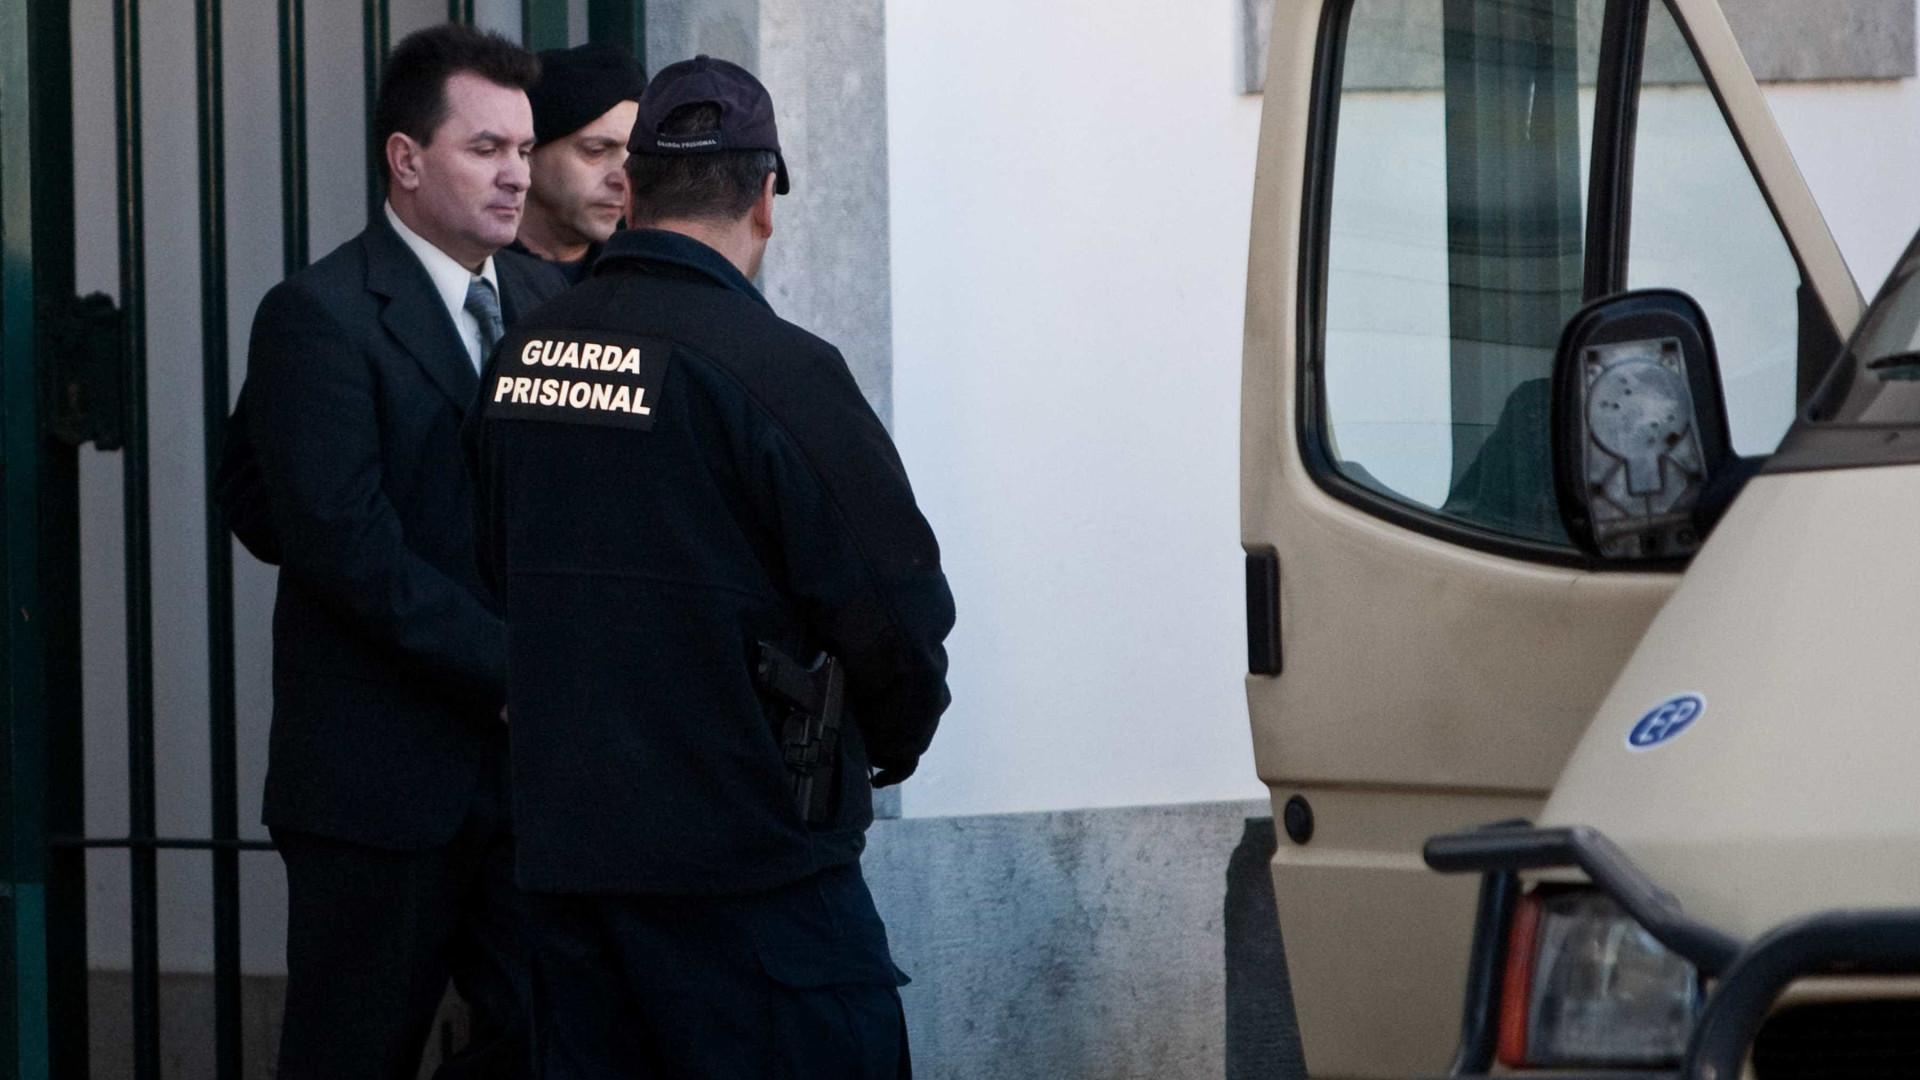 'Rei Ghob' condenado a 17 anos de prisão pela maioria dos crimes